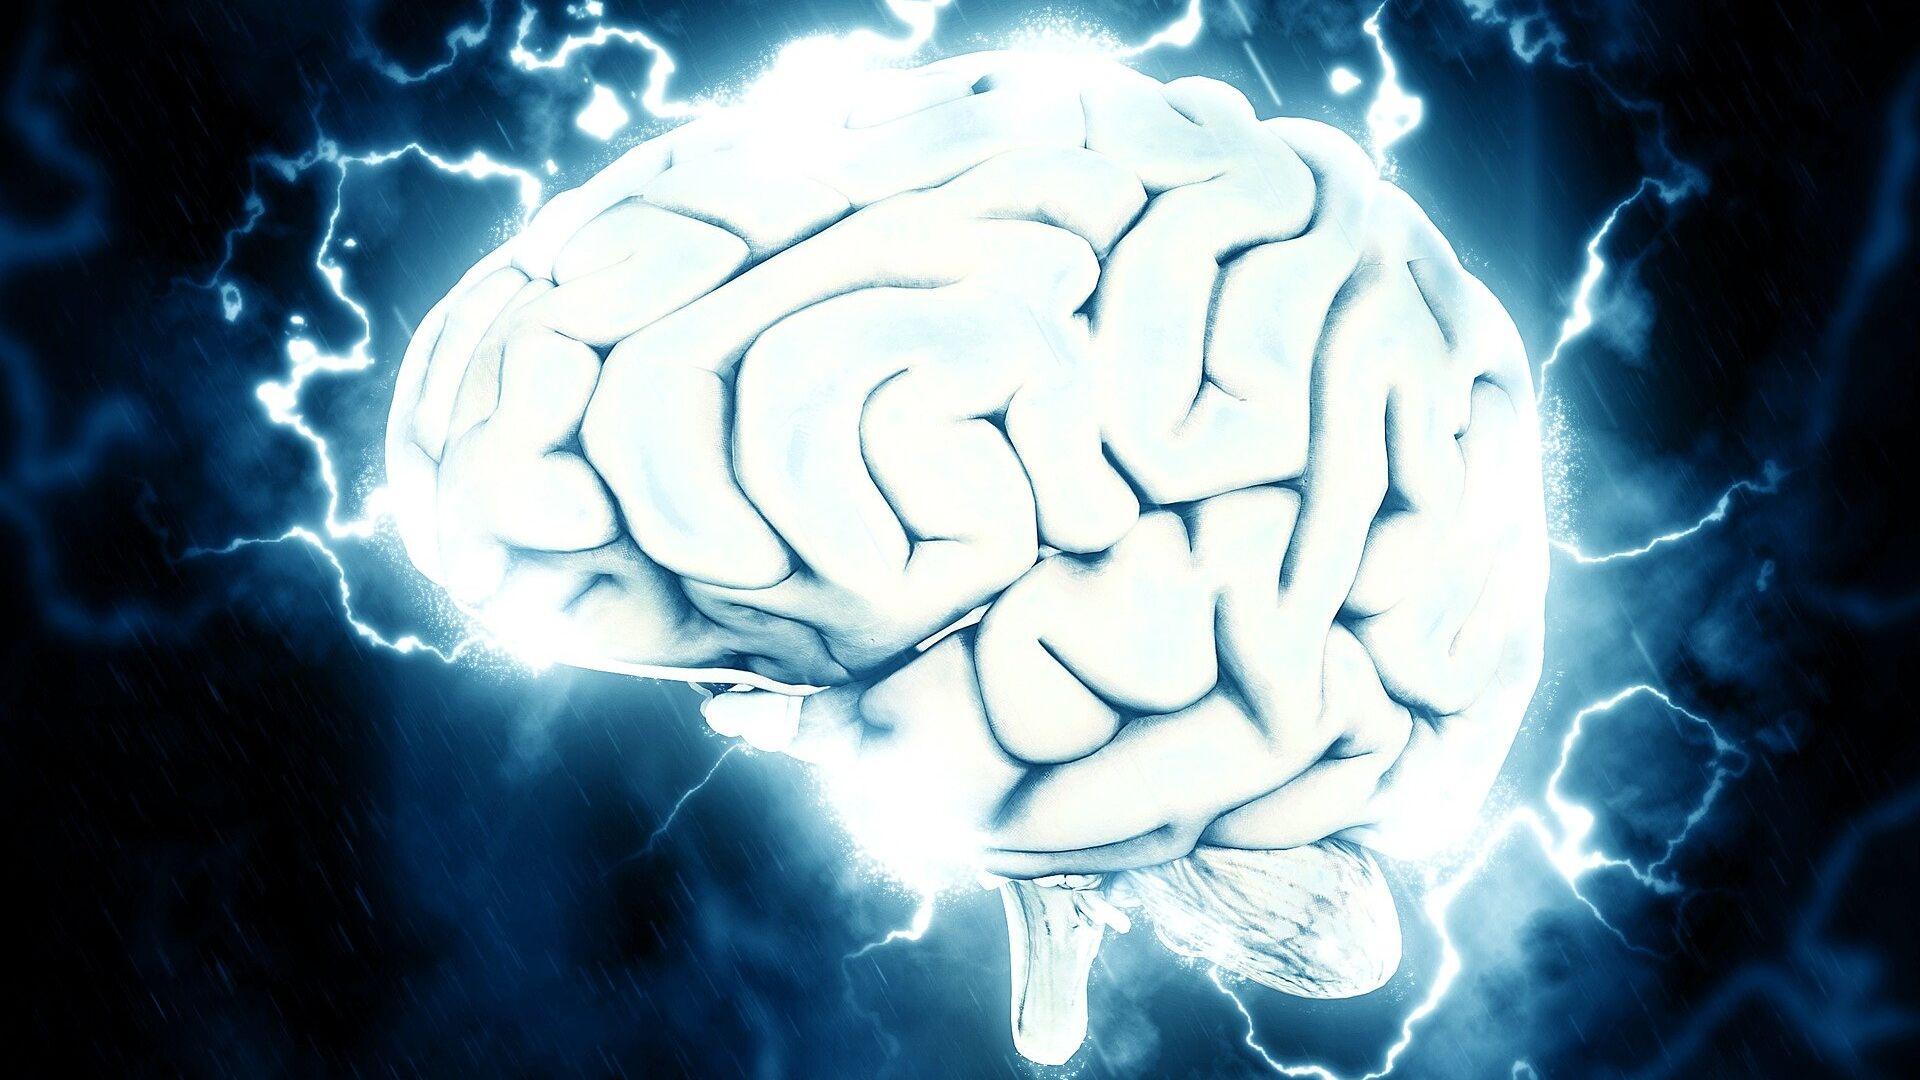 Cerebro, imagen referencial - Sputnik Mundo, 1920, 28.05.2021